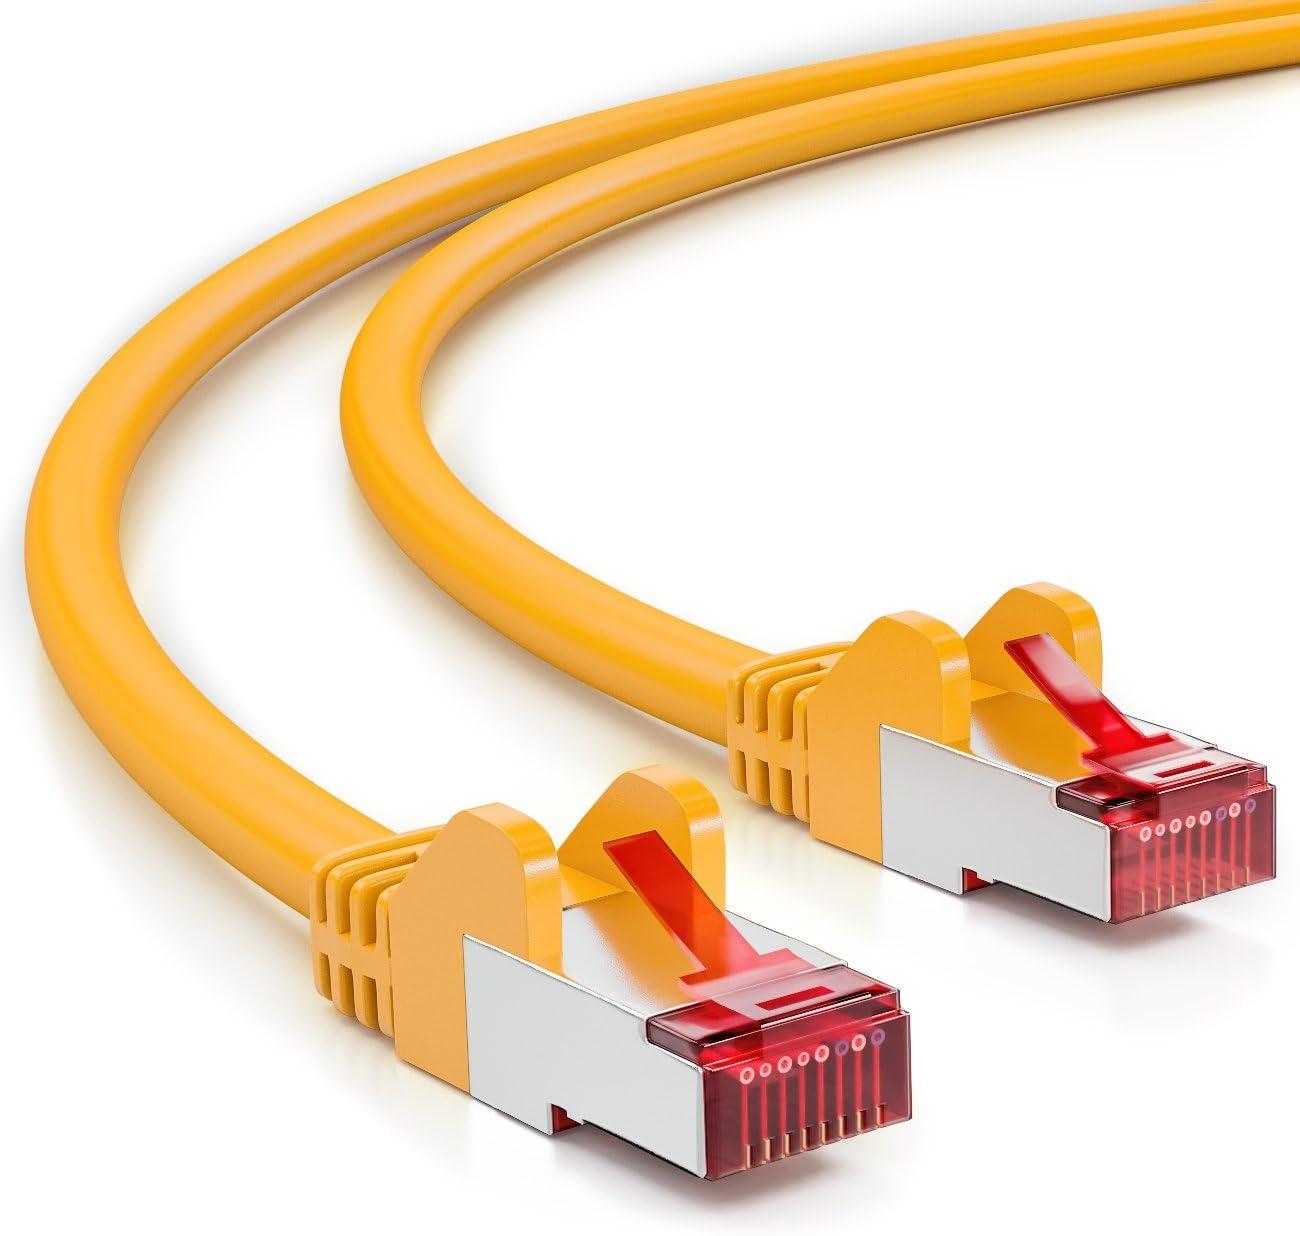 deleyCON 25m CAT6 Cable de Red - S/FTP PIMF Blindaje Cat-6 RJ45 Ethernet Cable de Conexión - LAN DSL Módem Los Paneles de Parcheo - Amarillo